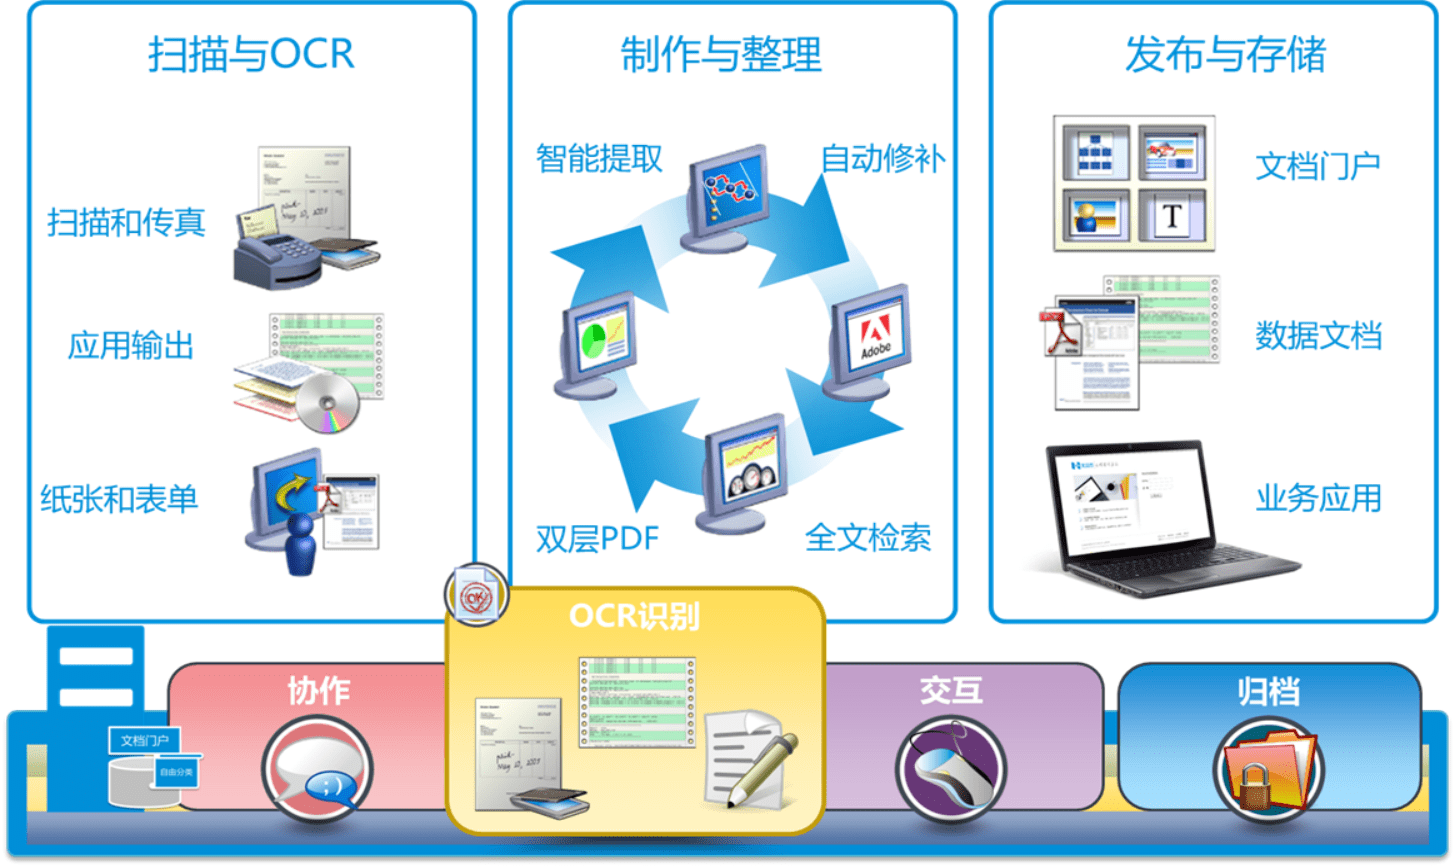 档案管理自动化该如何实现?